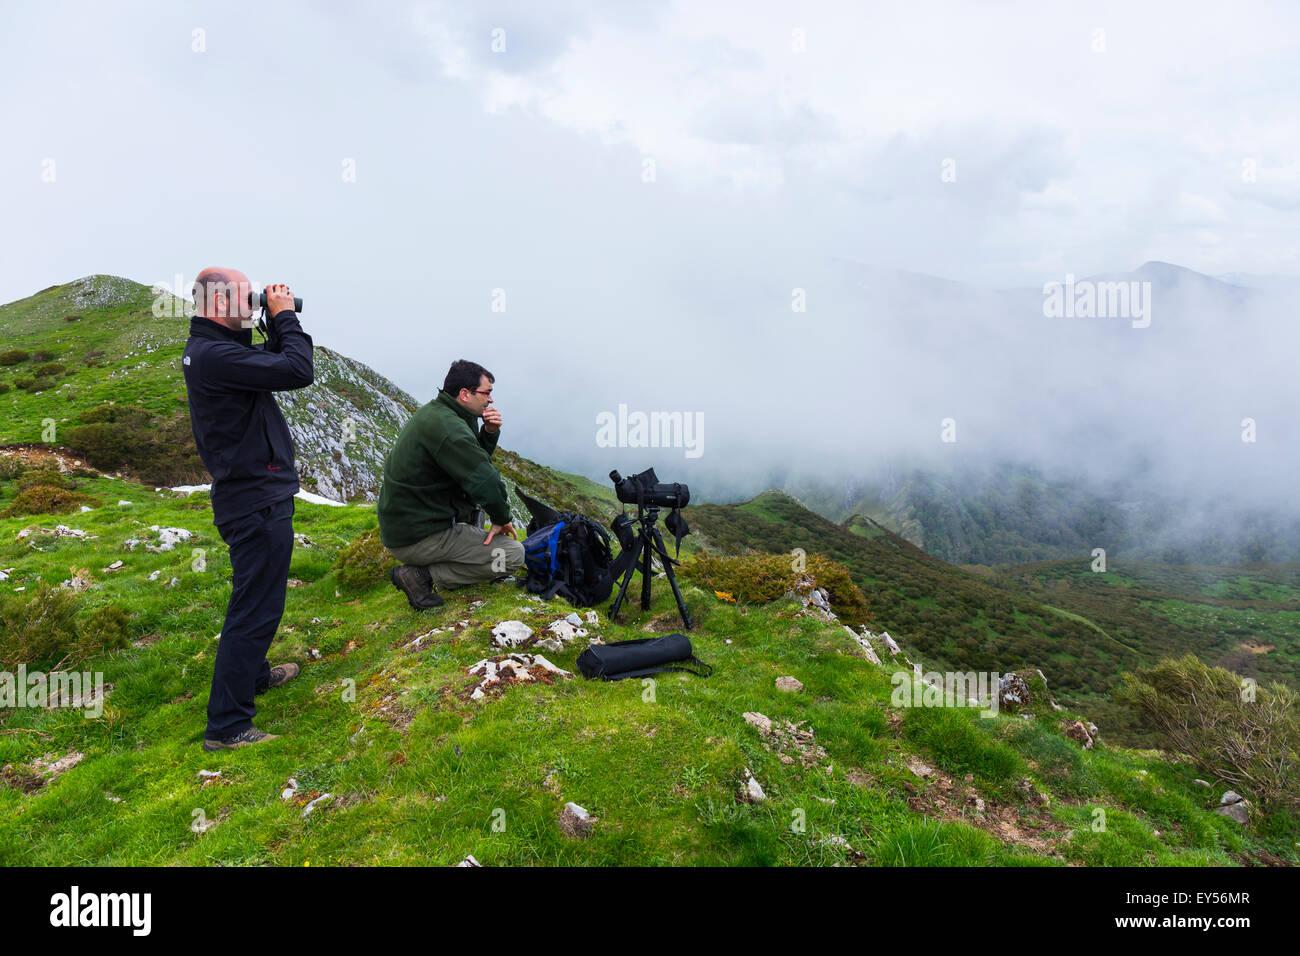 Birding trail - Asturias Spain - Stock Image